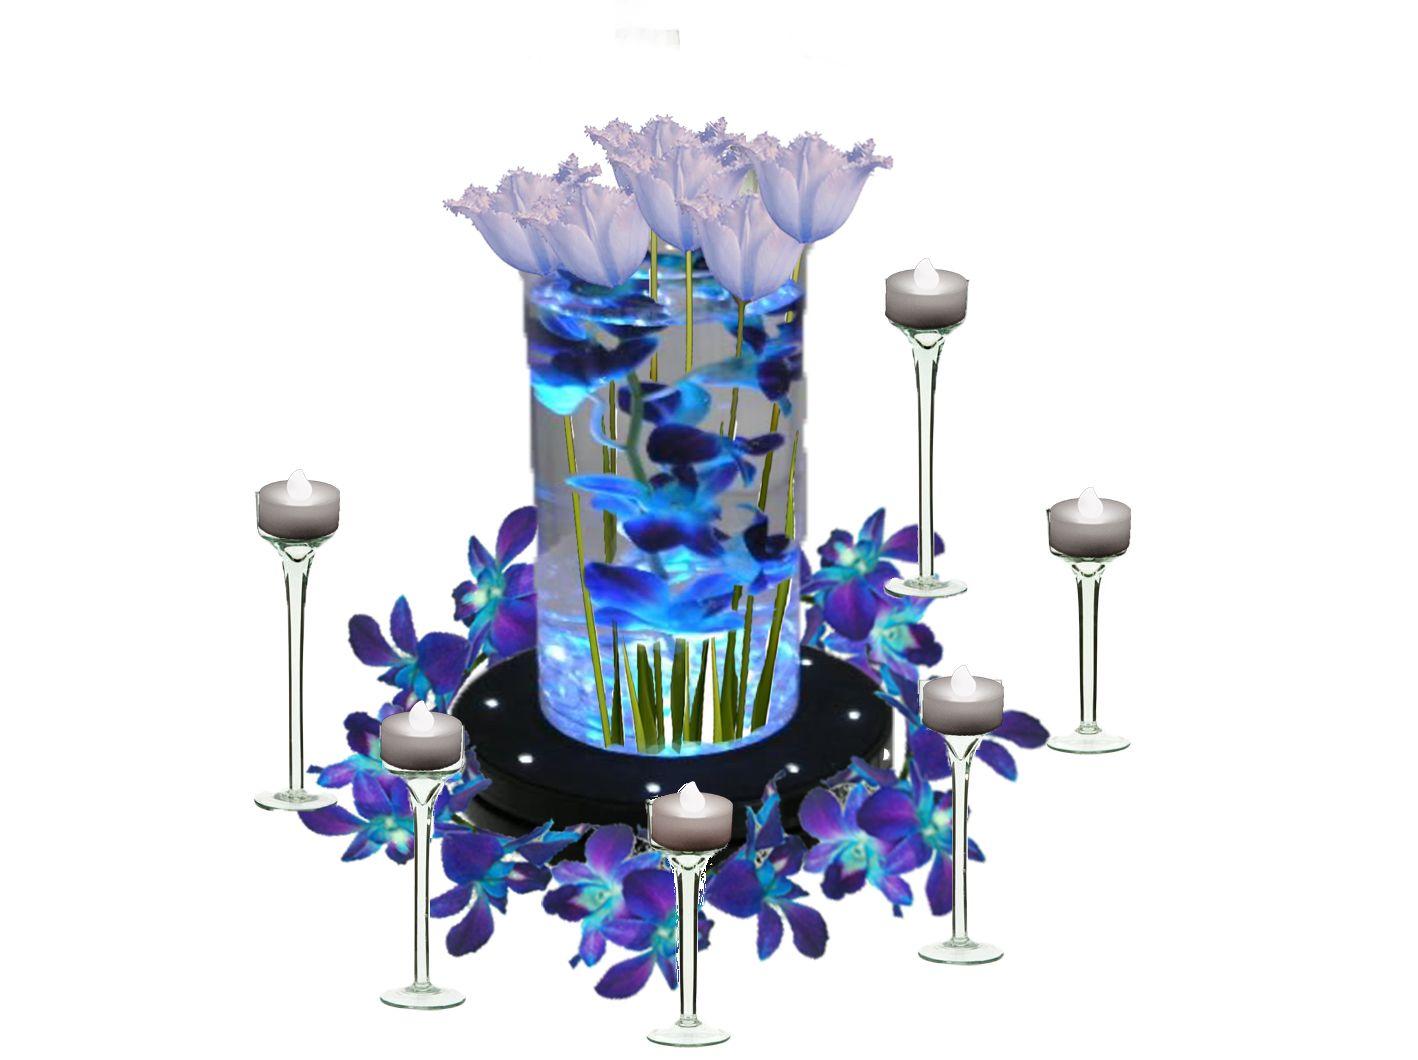 Diy centerpieces blue orchids orchid